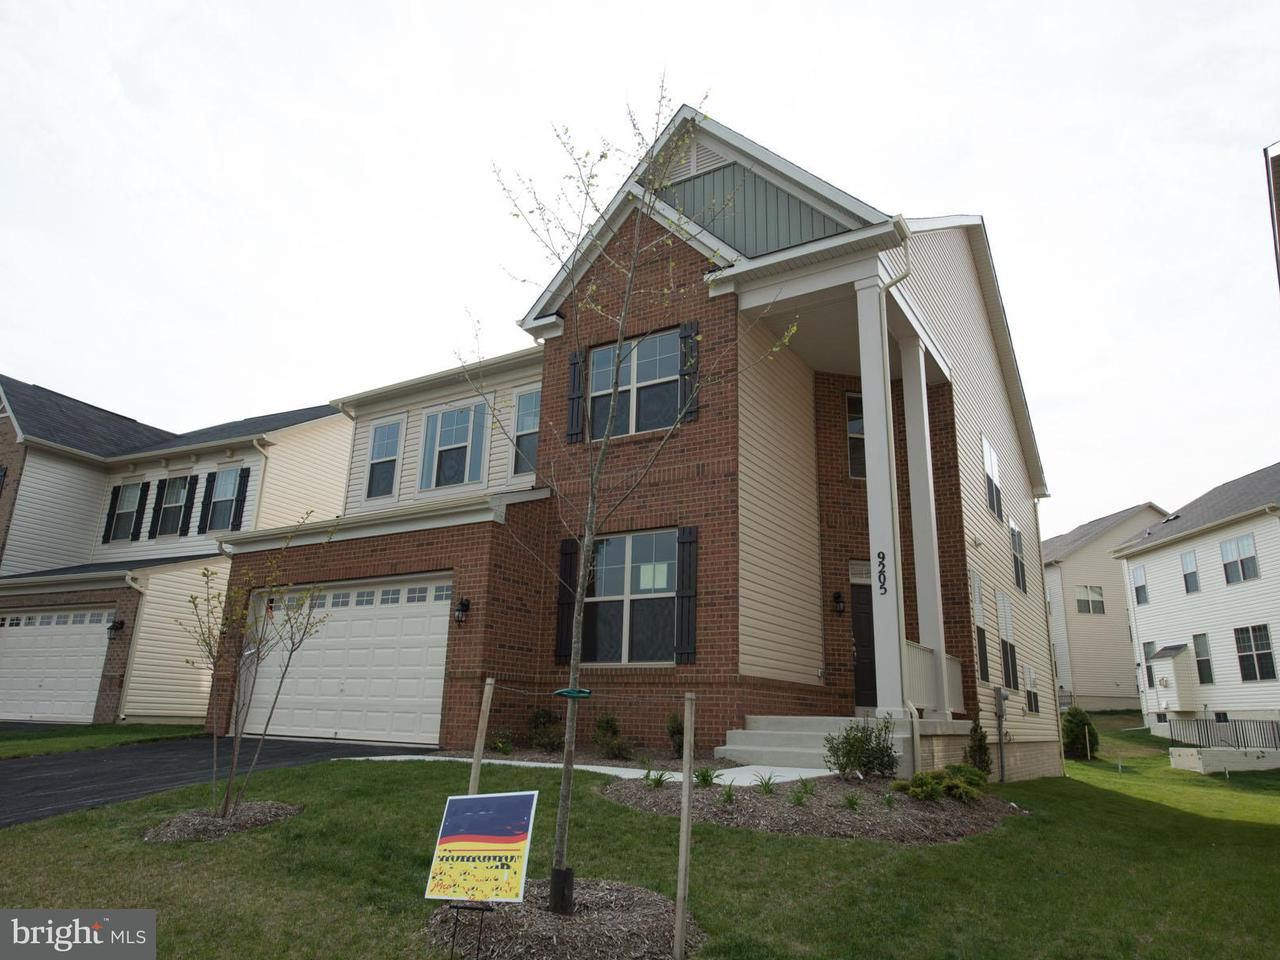 Частный односемейный дом для того Продажа на 9105 GLENARDEN PKWY 9105 GLENARDEN PKWY Glenarden, Мэриленд 20706 Соединенные Штаты